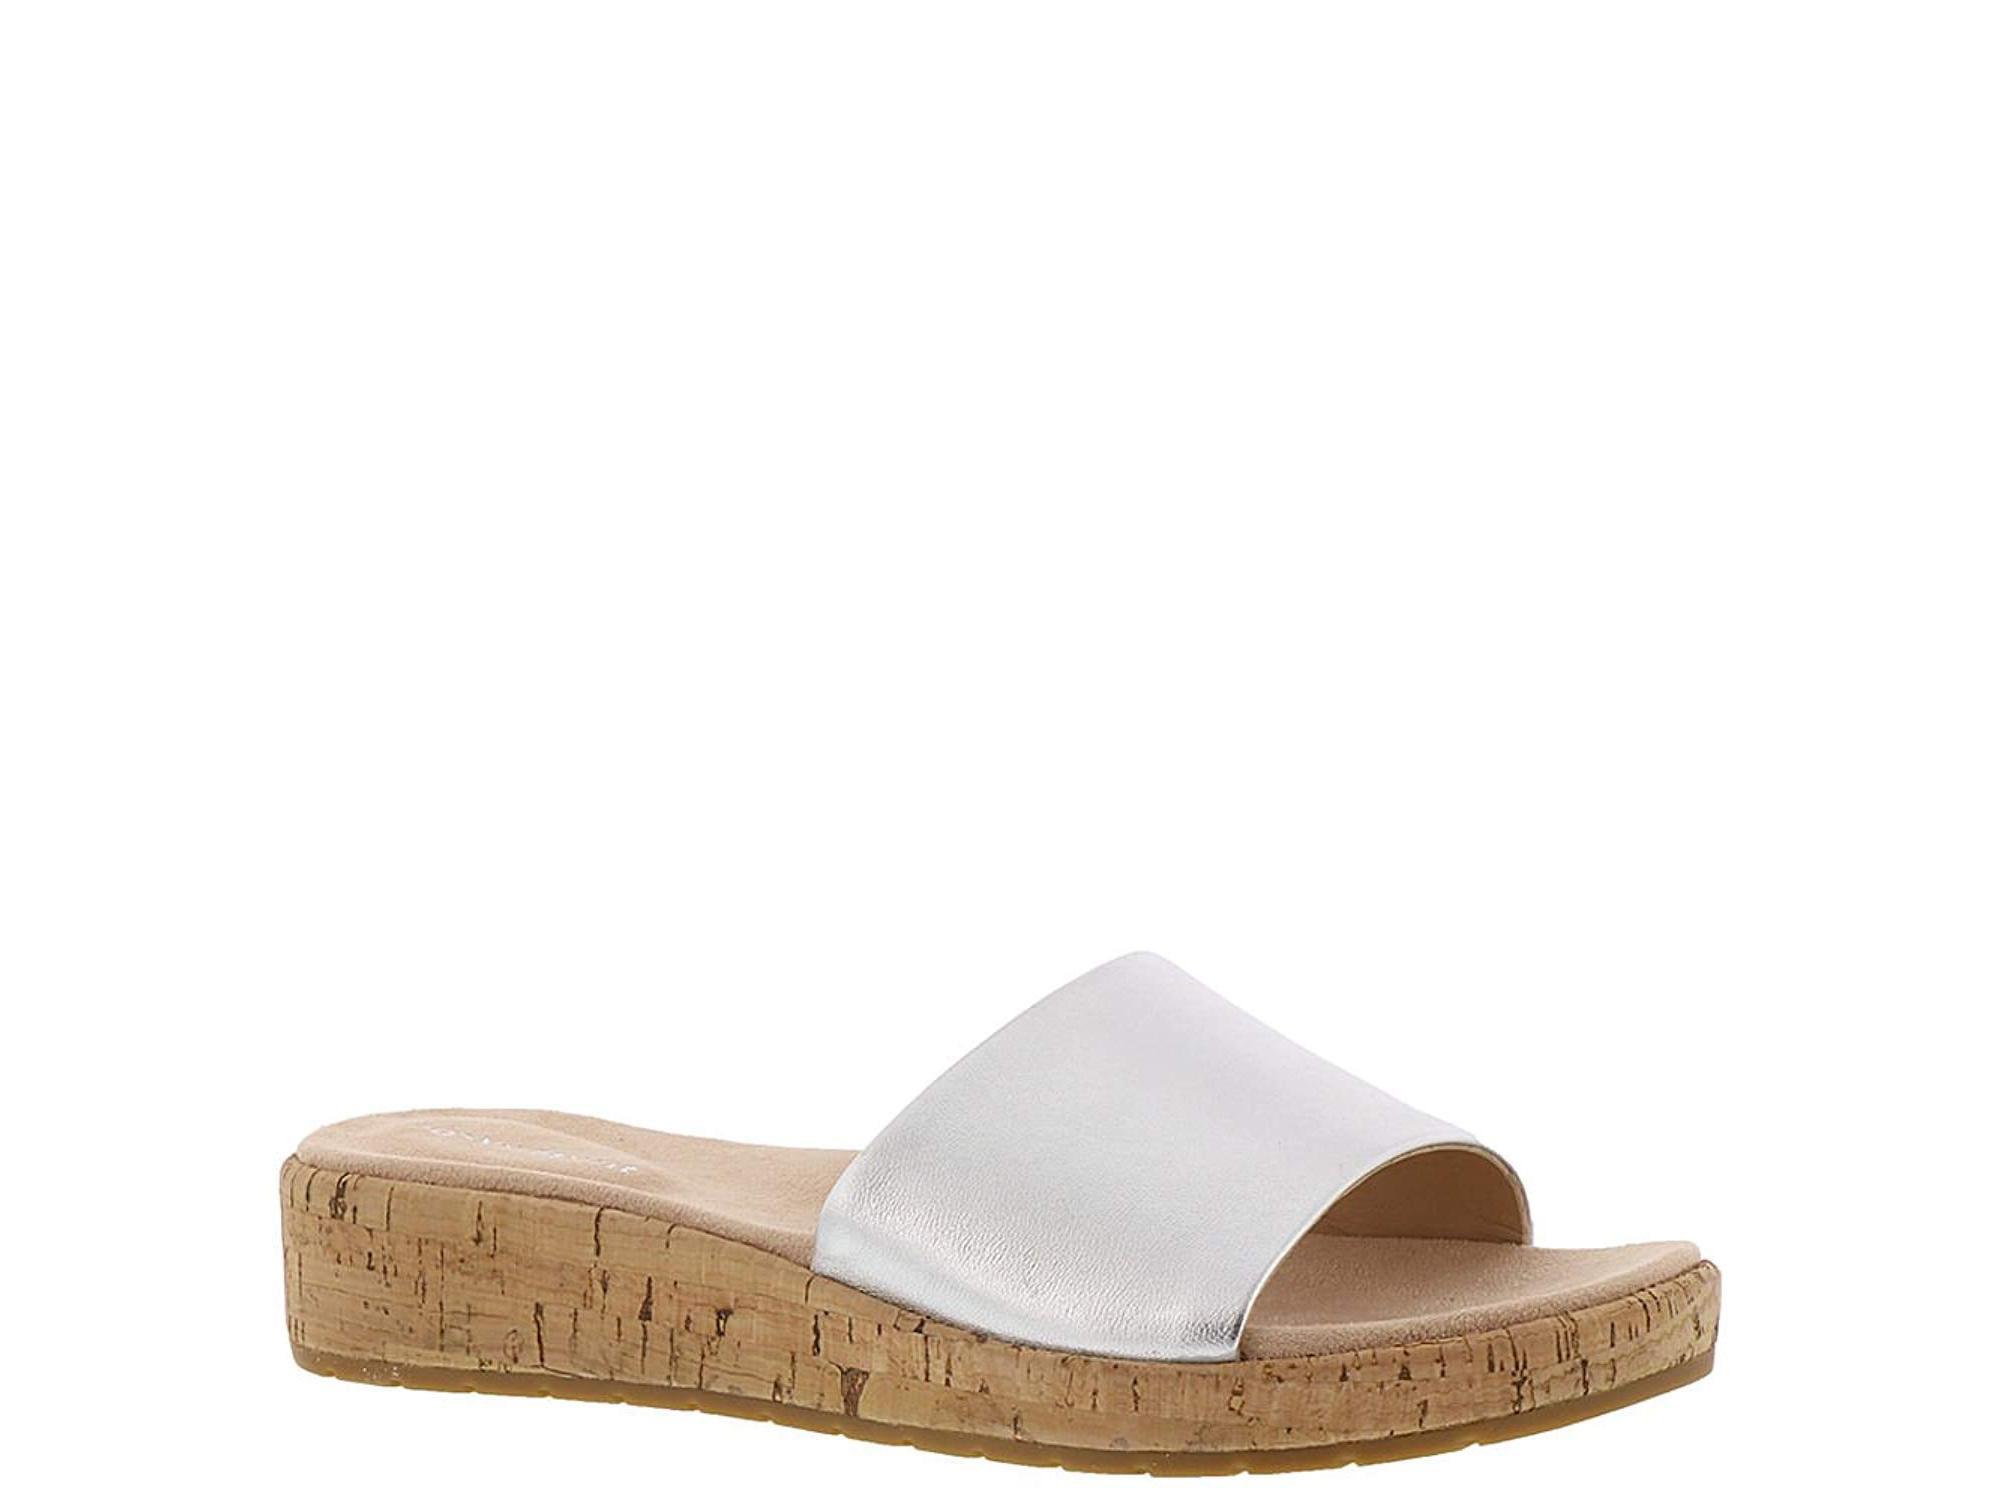 036fdadbaf502e Easy spirit womens muscari open toe casual slide sandals jpg 2000x1500 Easy  spirit sandals slide